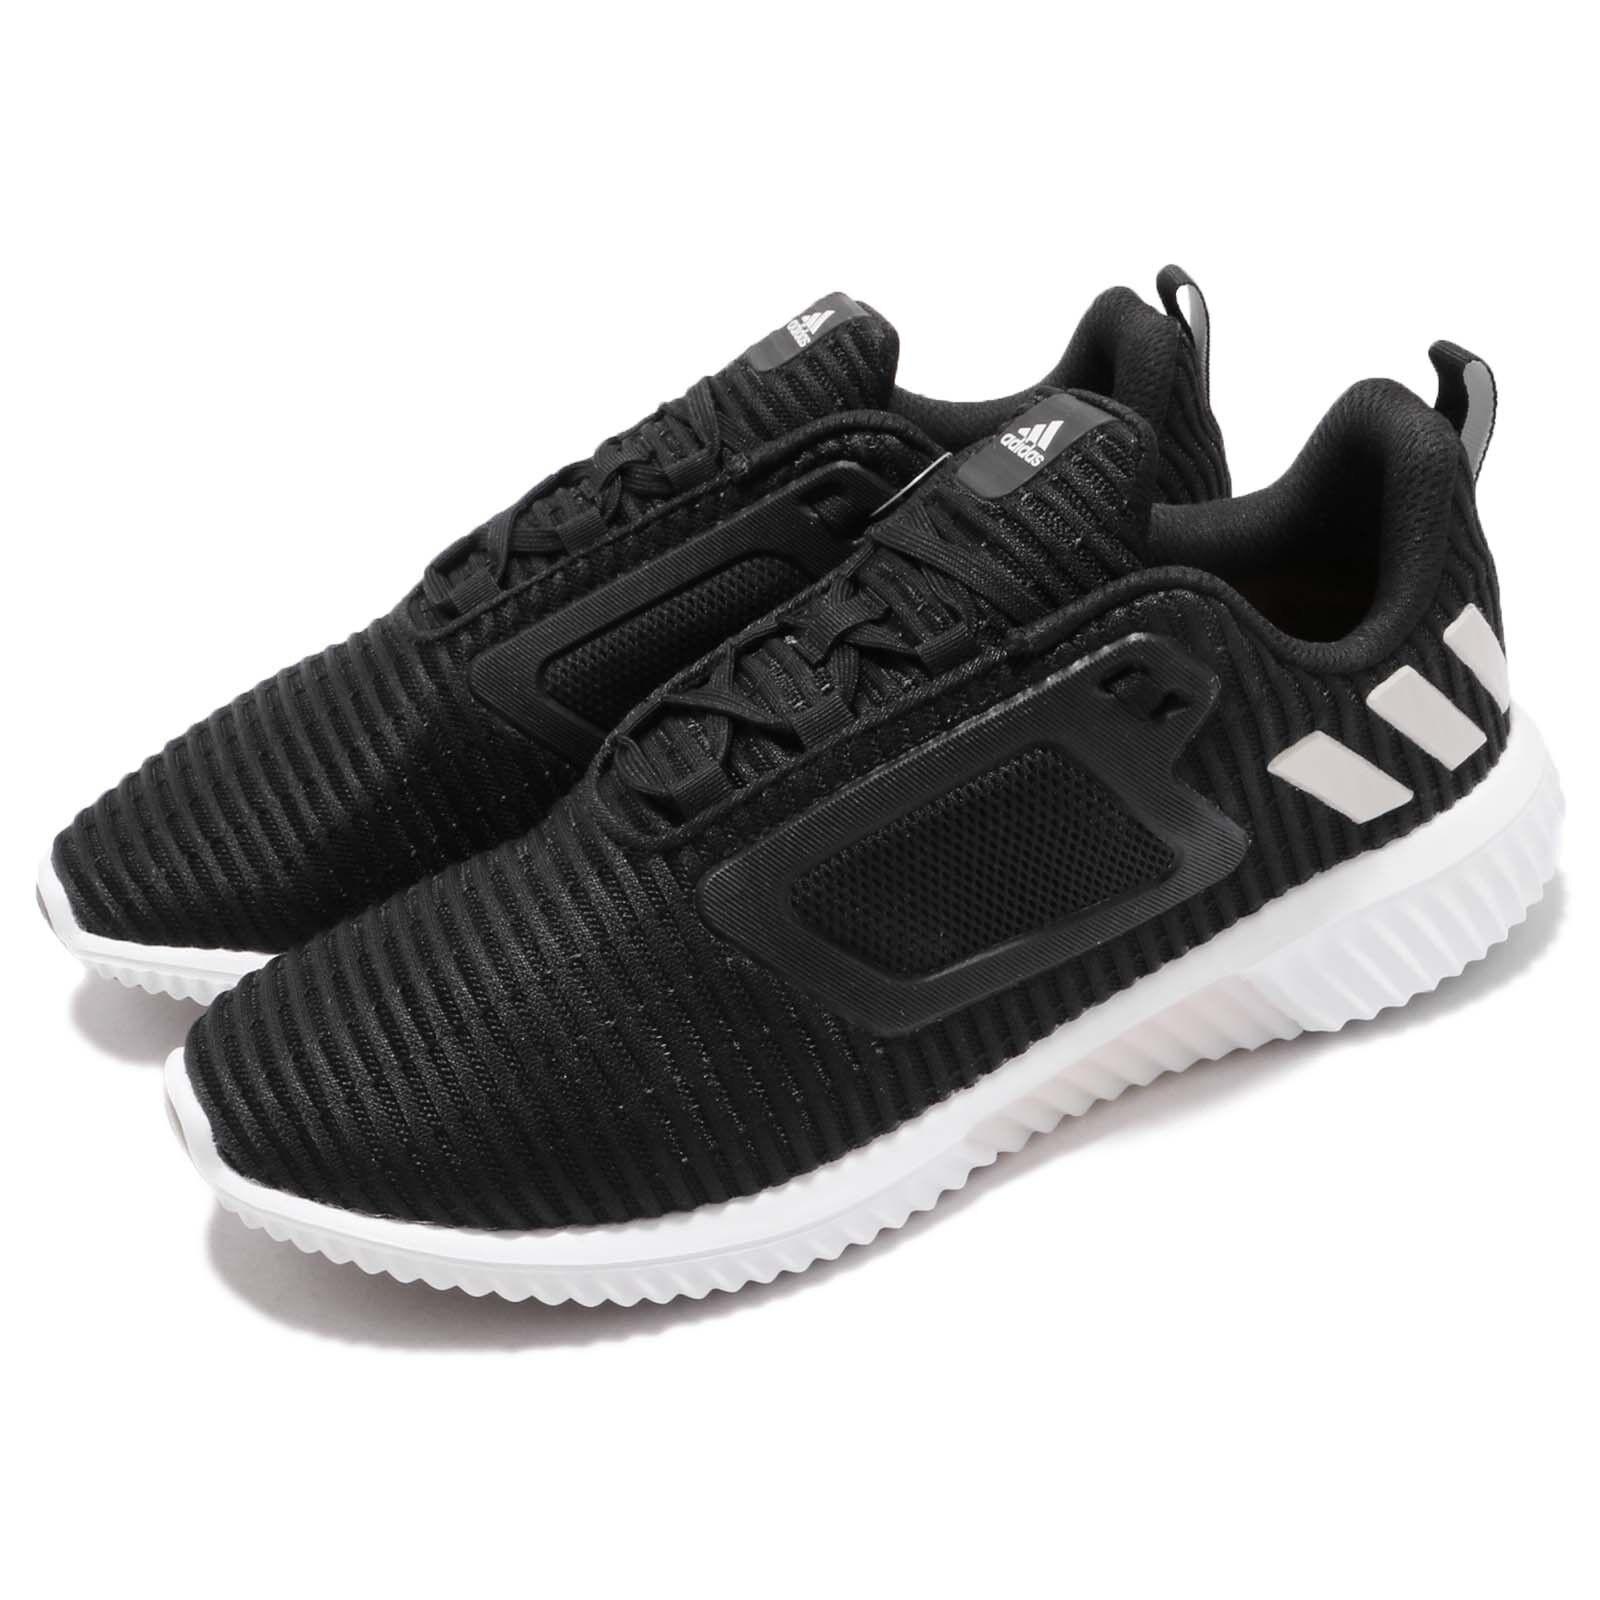 adidas Climacool CM Schwarz Weiß Herren Laufen Freizeitschuhe Sneakers BB6550